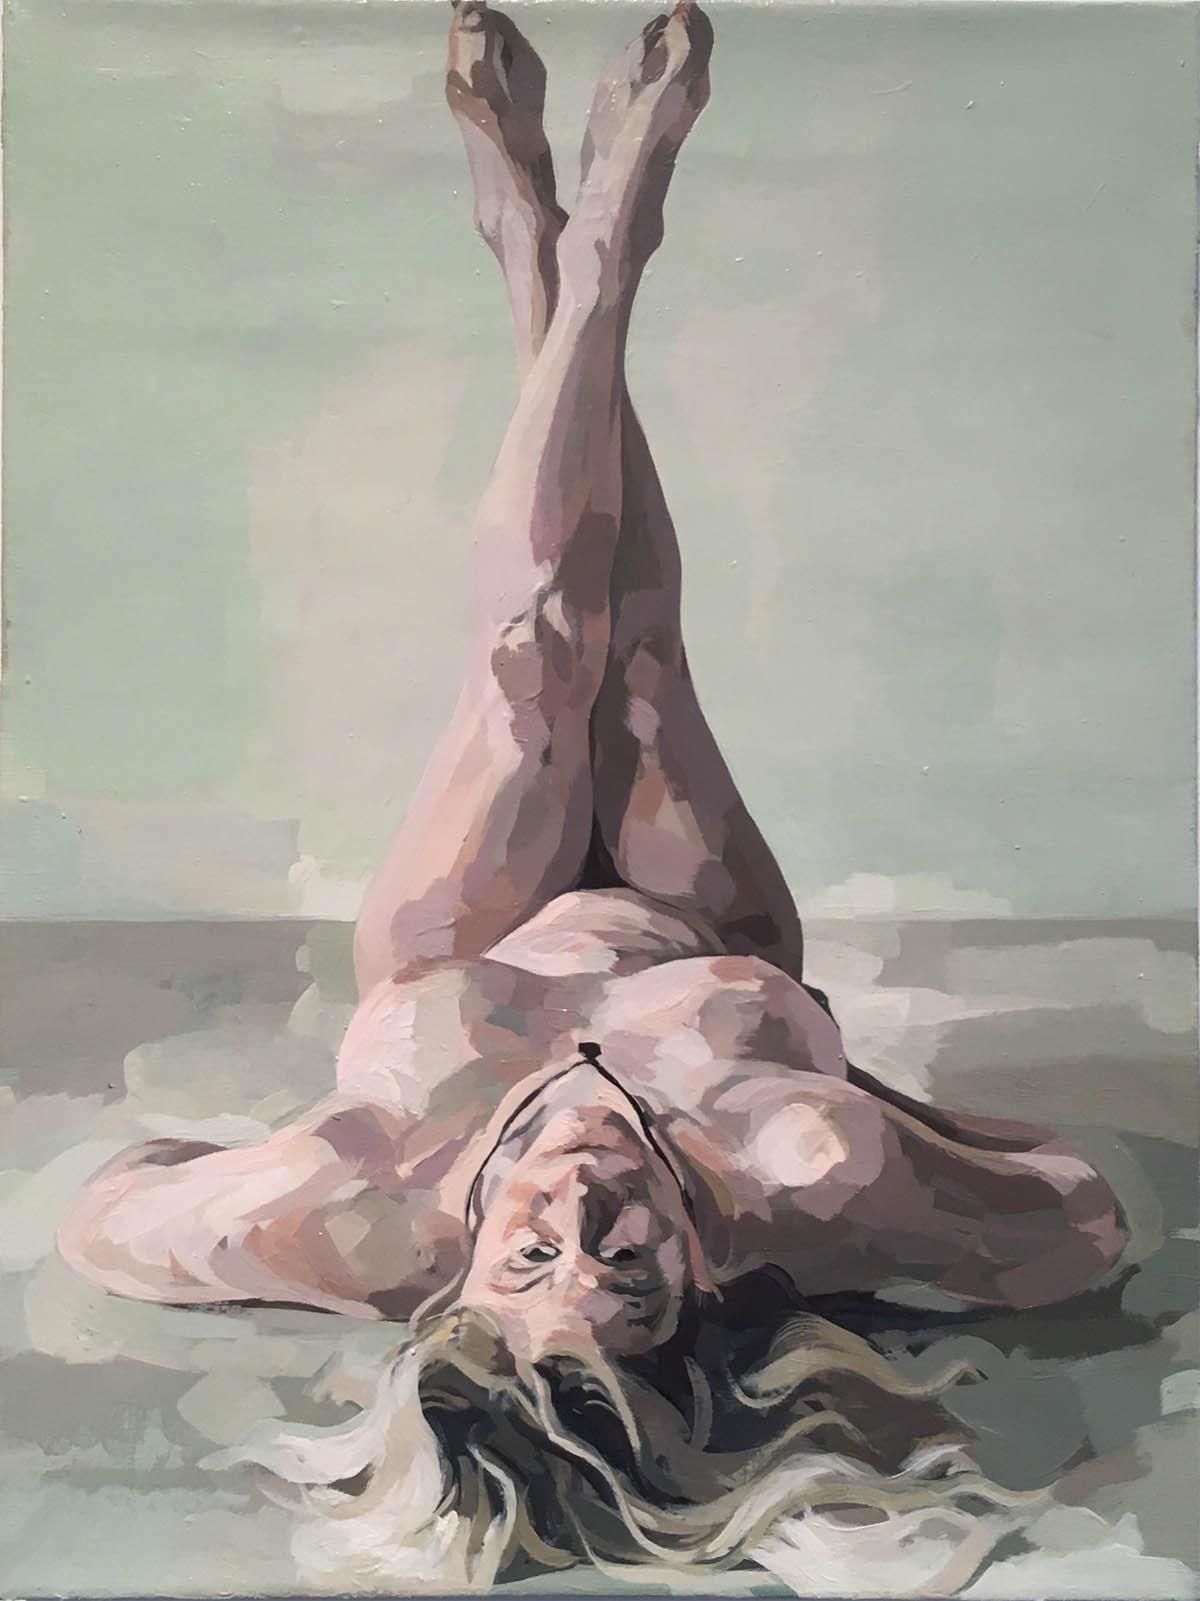 Nude as Mermaid